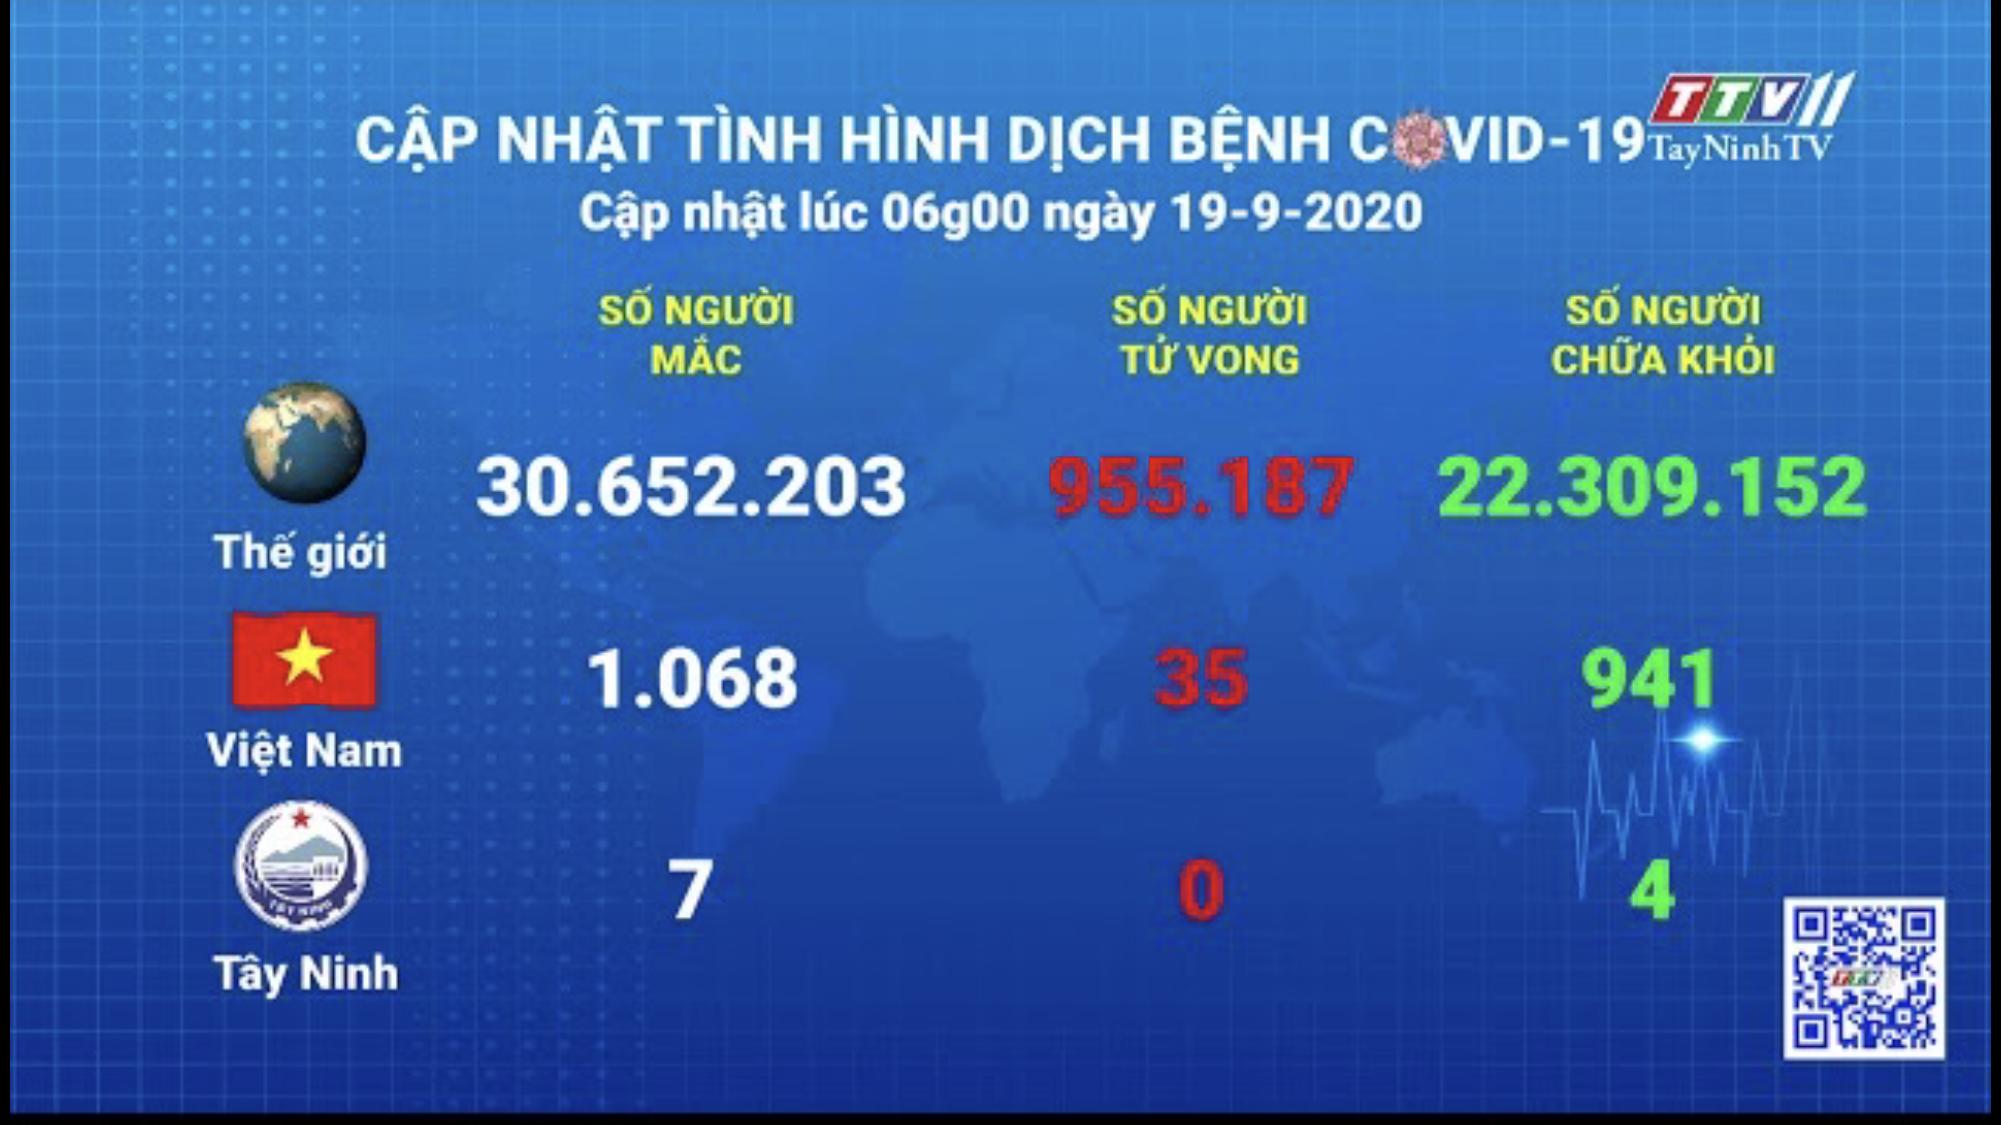 Cập nhật tình hình Covid-19 vào lúc 06 giờ 19-9-2020 | Thông tin dịch Covid-19 | TayNinhTV